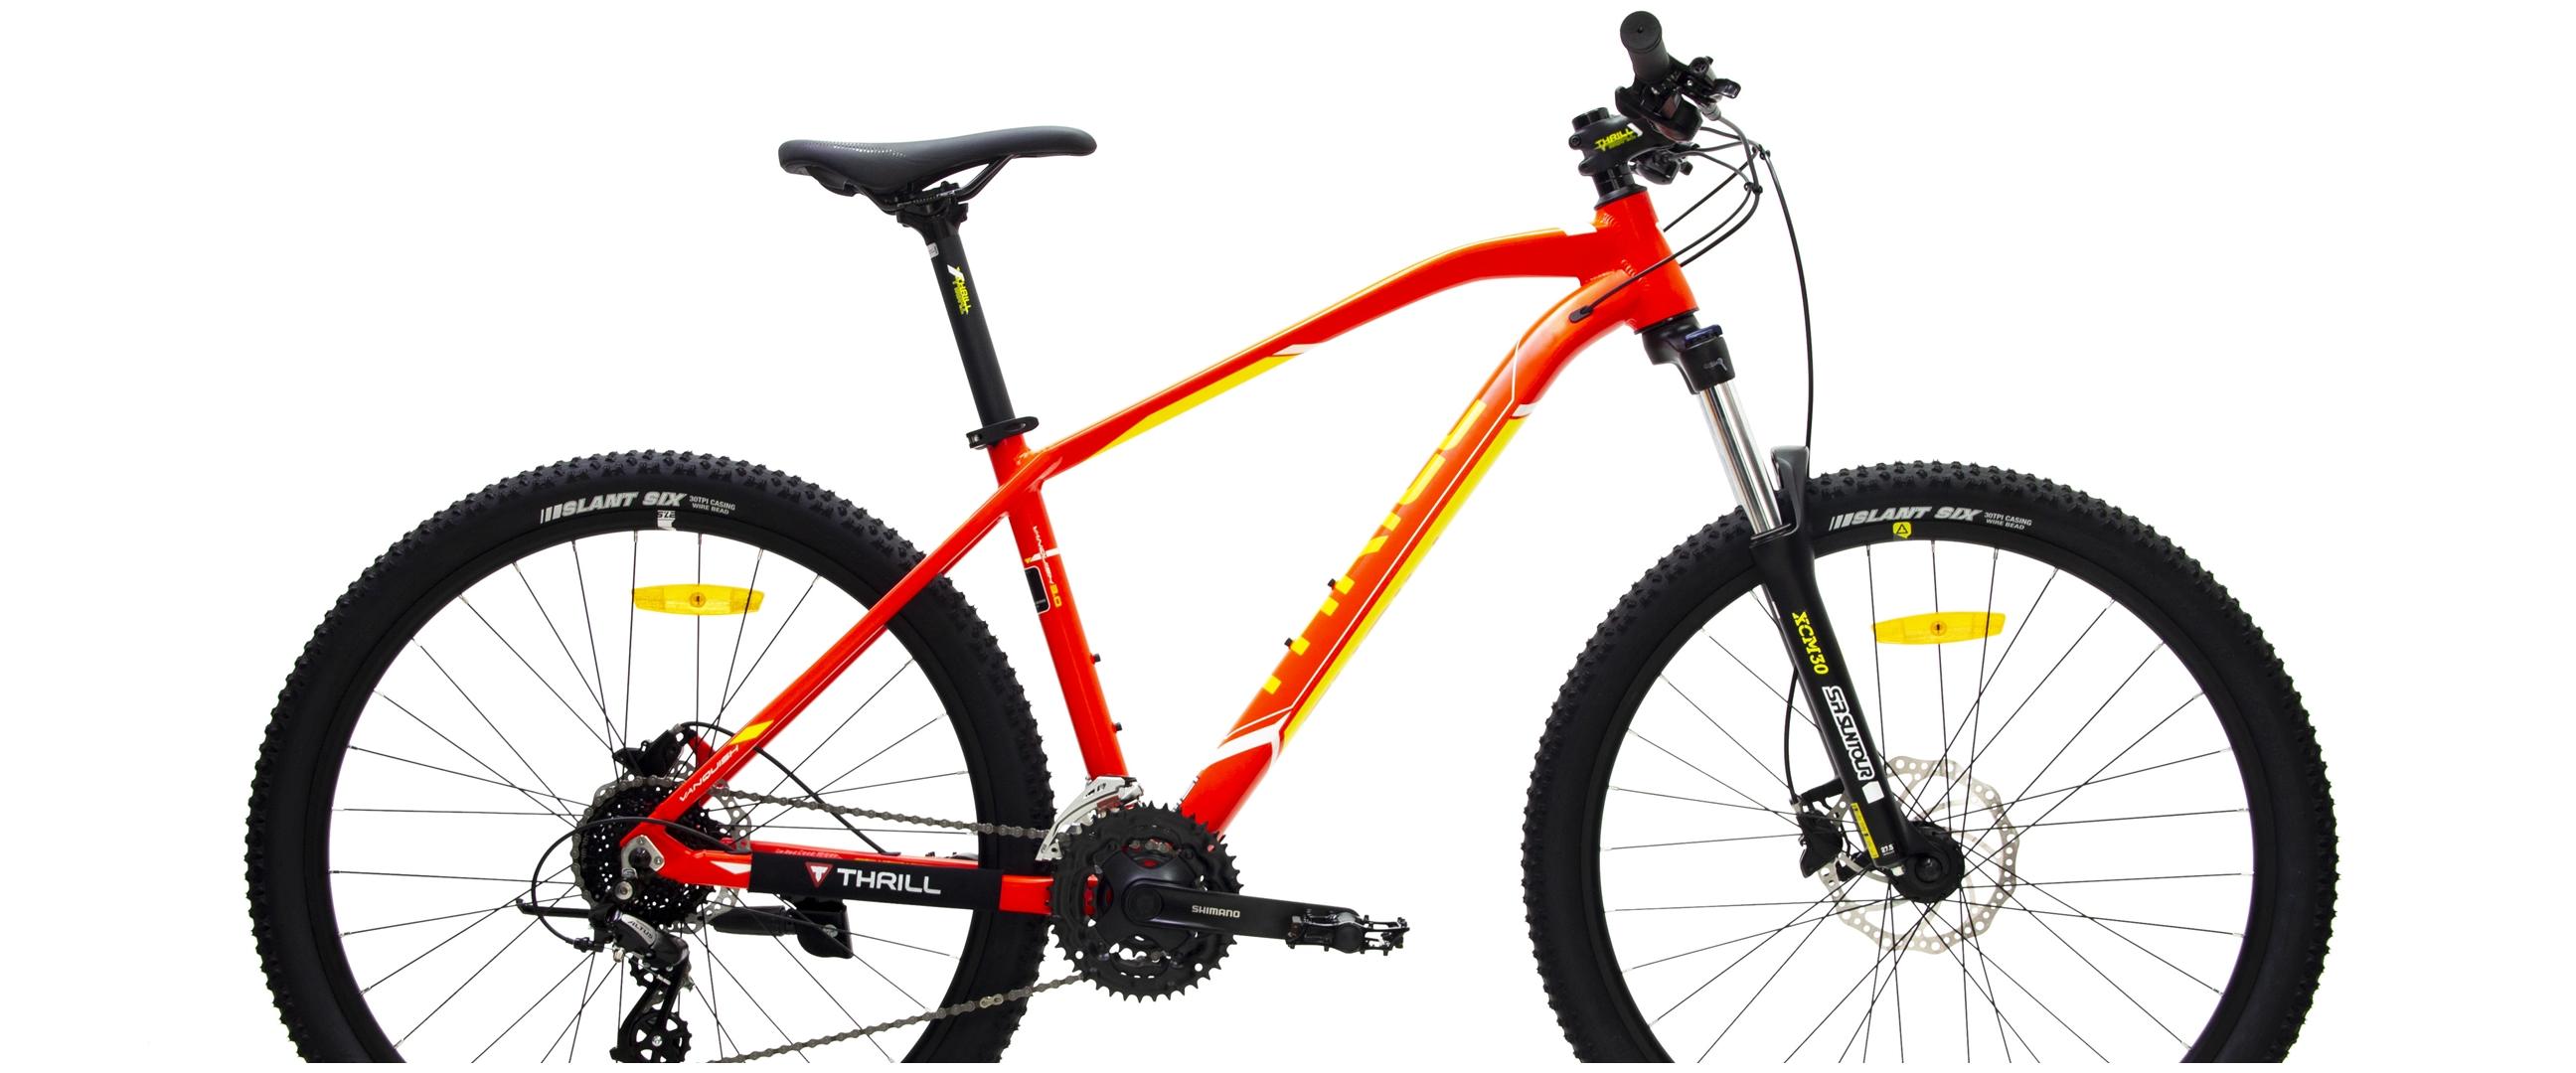 Harga sepeda Thrill Vanquish 3.0 dan spesifikasinya